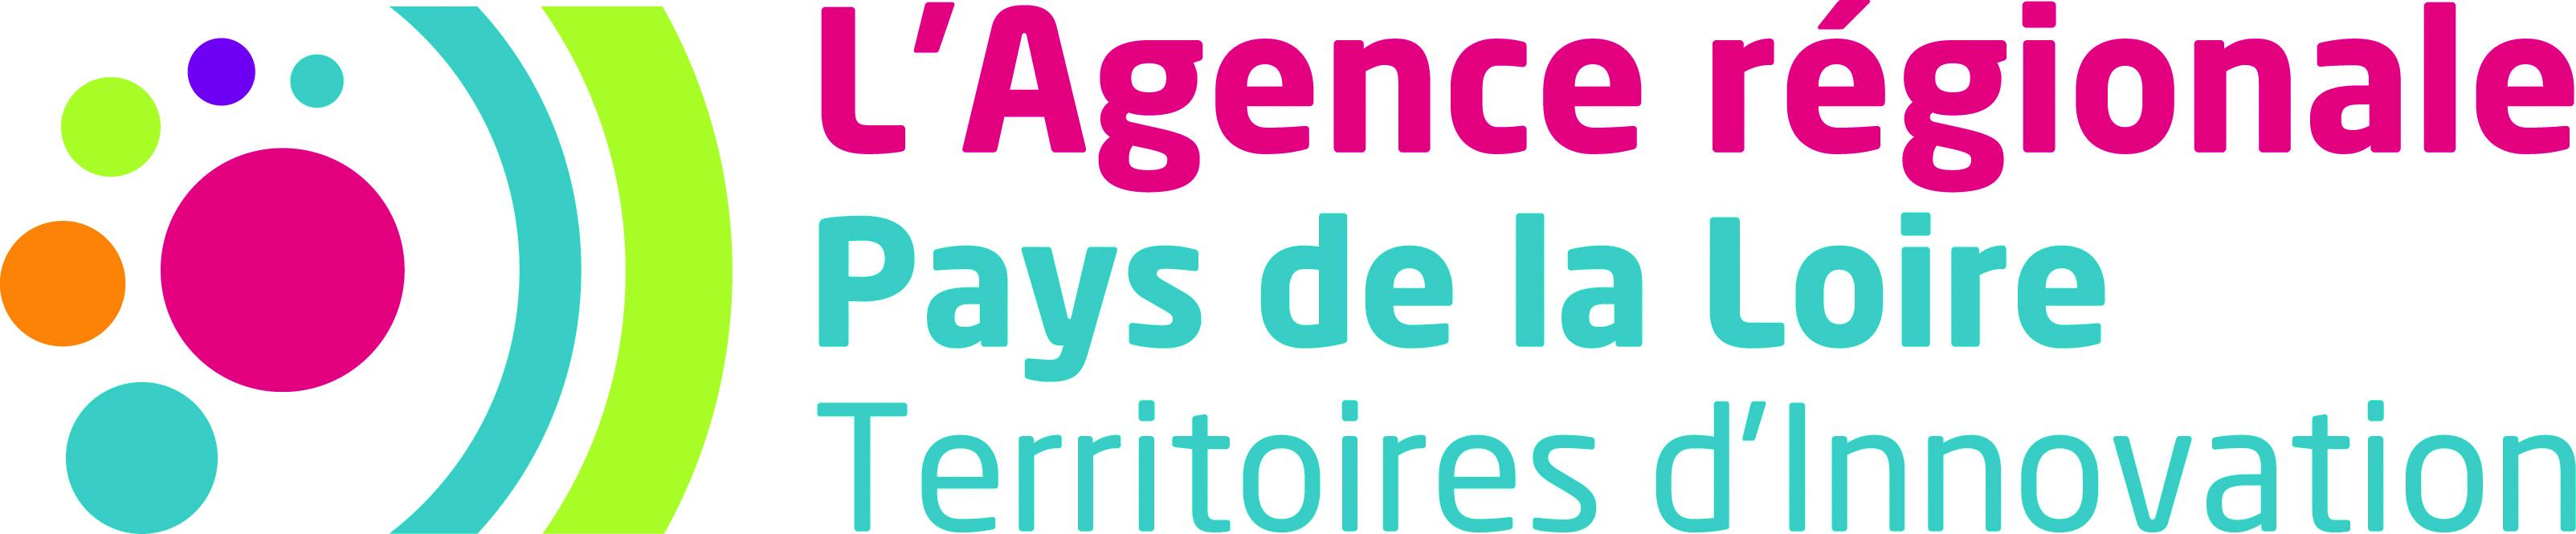 L' Agence Règionale Pays de la Loire